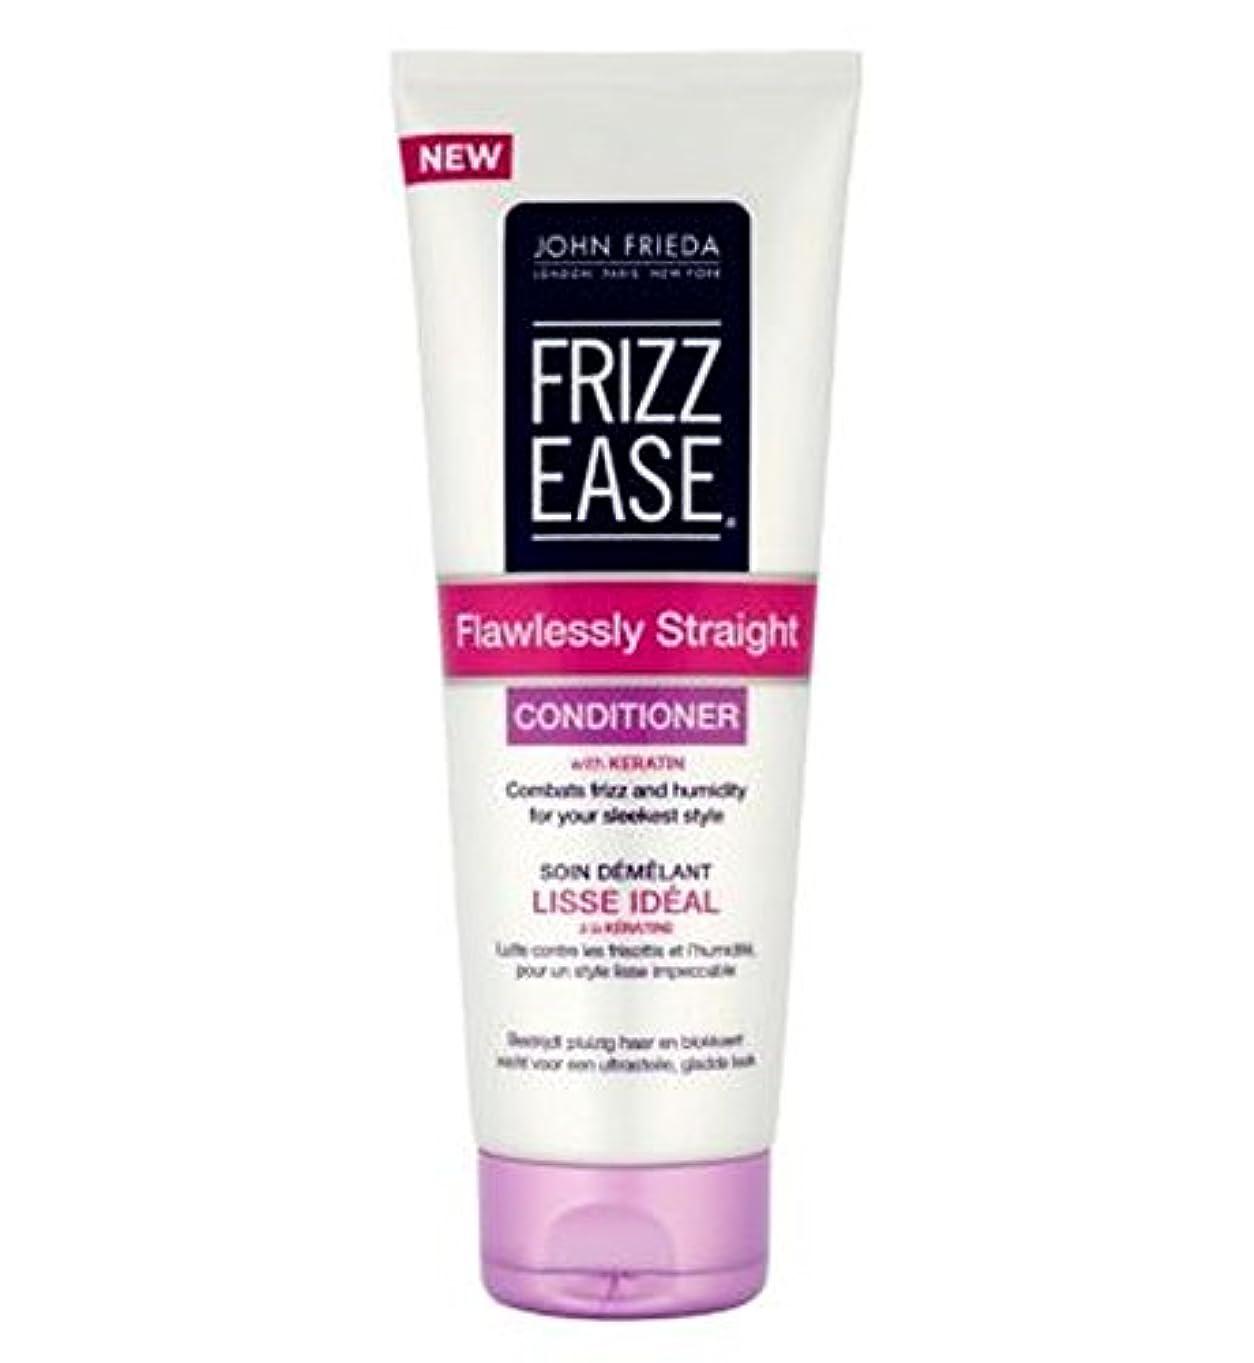 ストレスセントマトンジョン?フリーダ縮れ-容易完璧ストレートコンディショナー250Ml (John Frieda) (x2) - John Frieda Frizz-Ease Flawlessly Straight Conditioner...